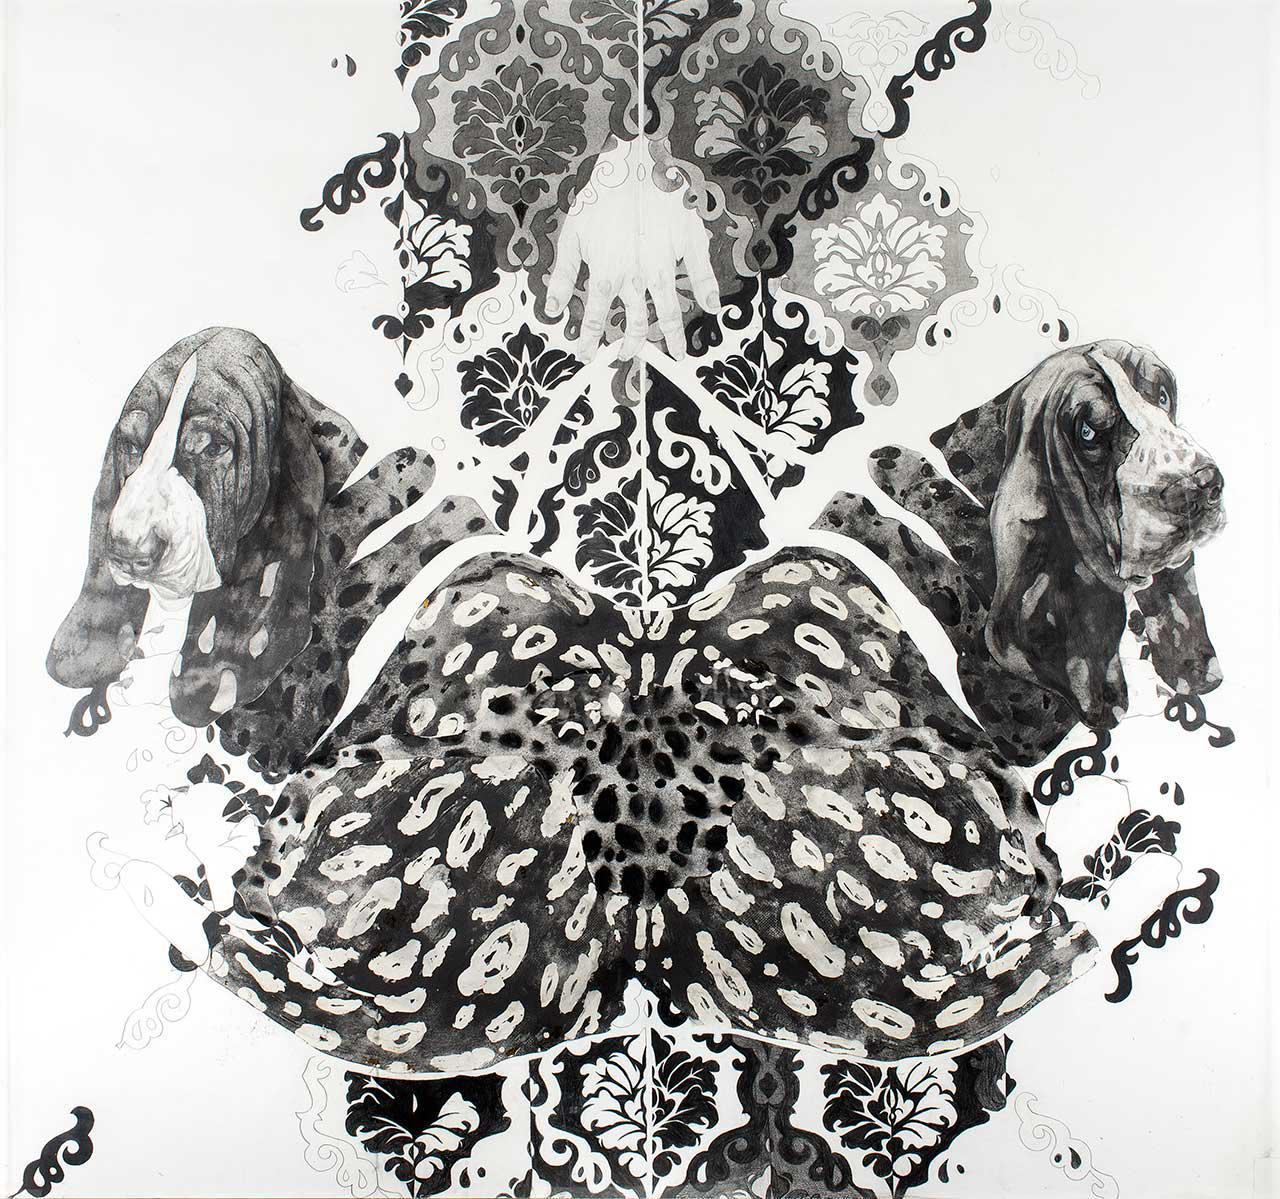 Άτιτλο, 2007, μελάνι σε χαρτί, 152x162 εκ.